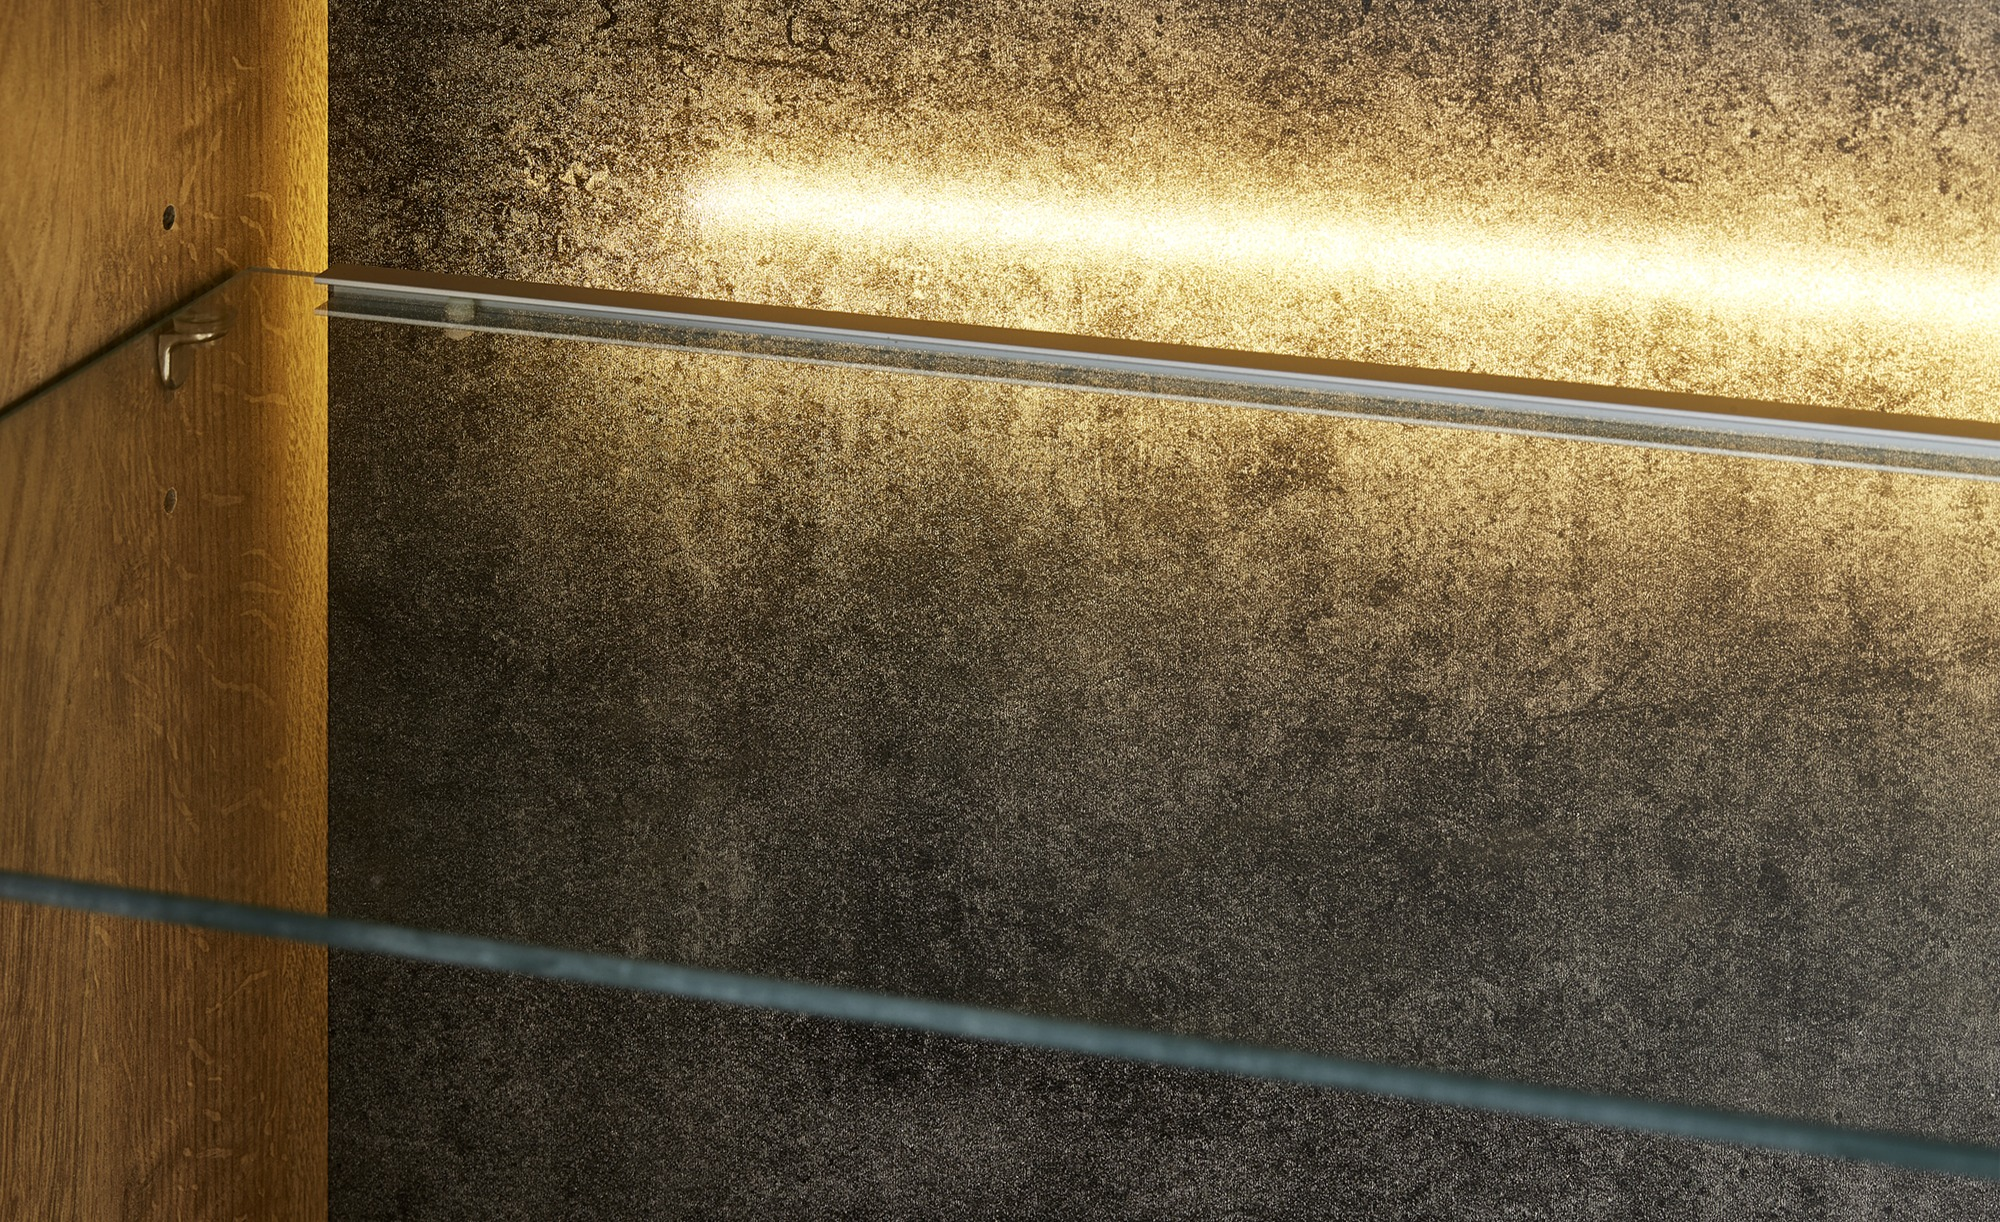 Woodford Wohnwand Beleuchtung  Gonzo Lampen & Leuchten > Innenleuchten > Möbelleuchten - Höffner